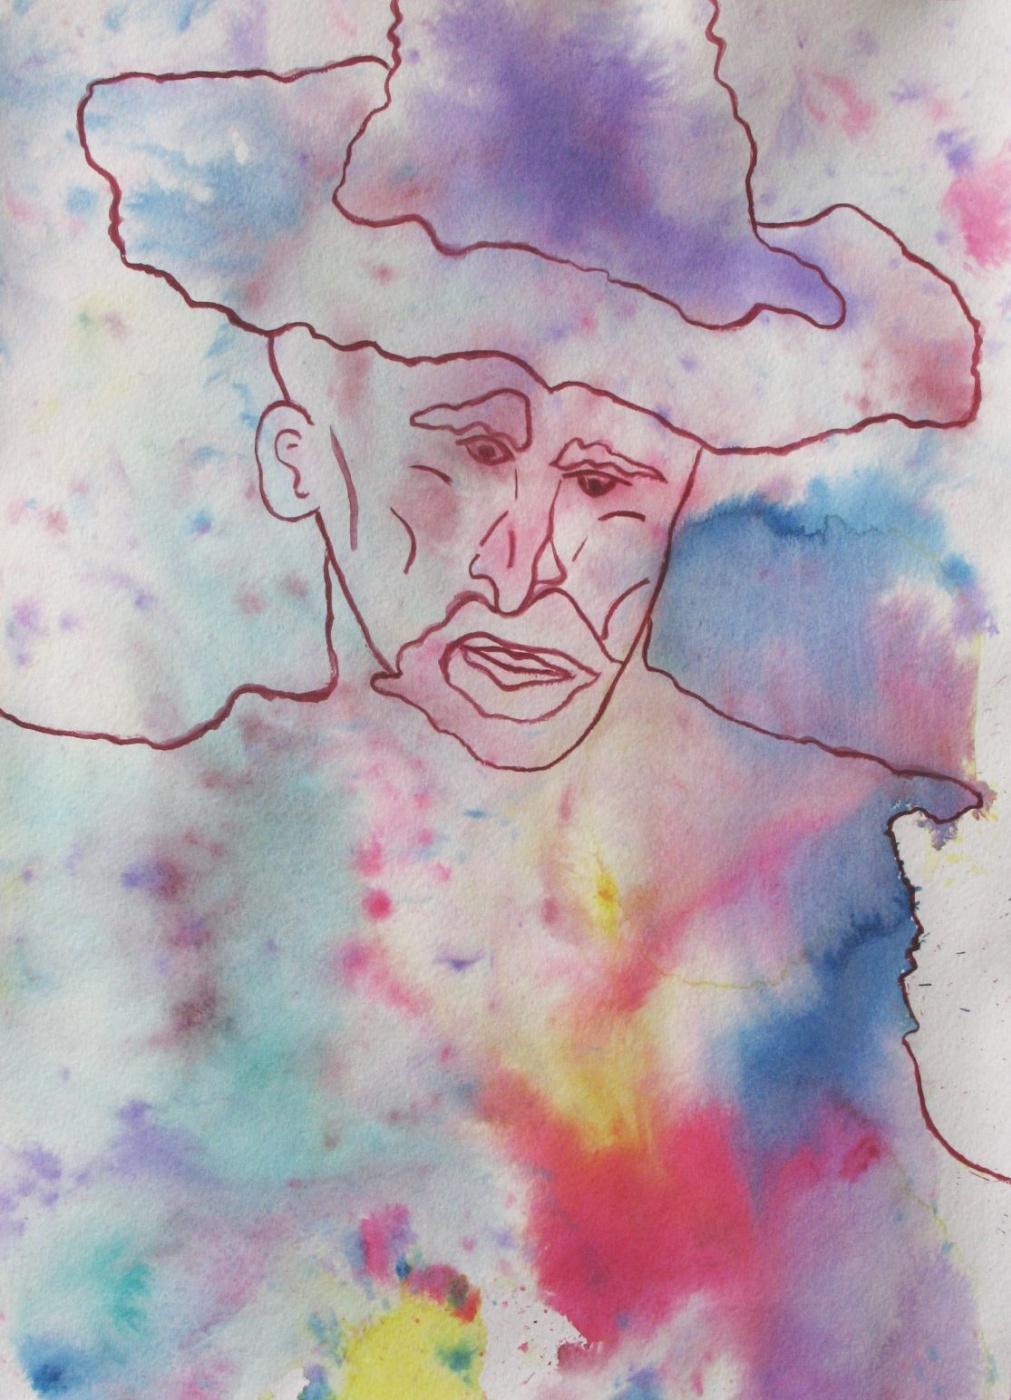 Anna Zakharova. Van Gogh